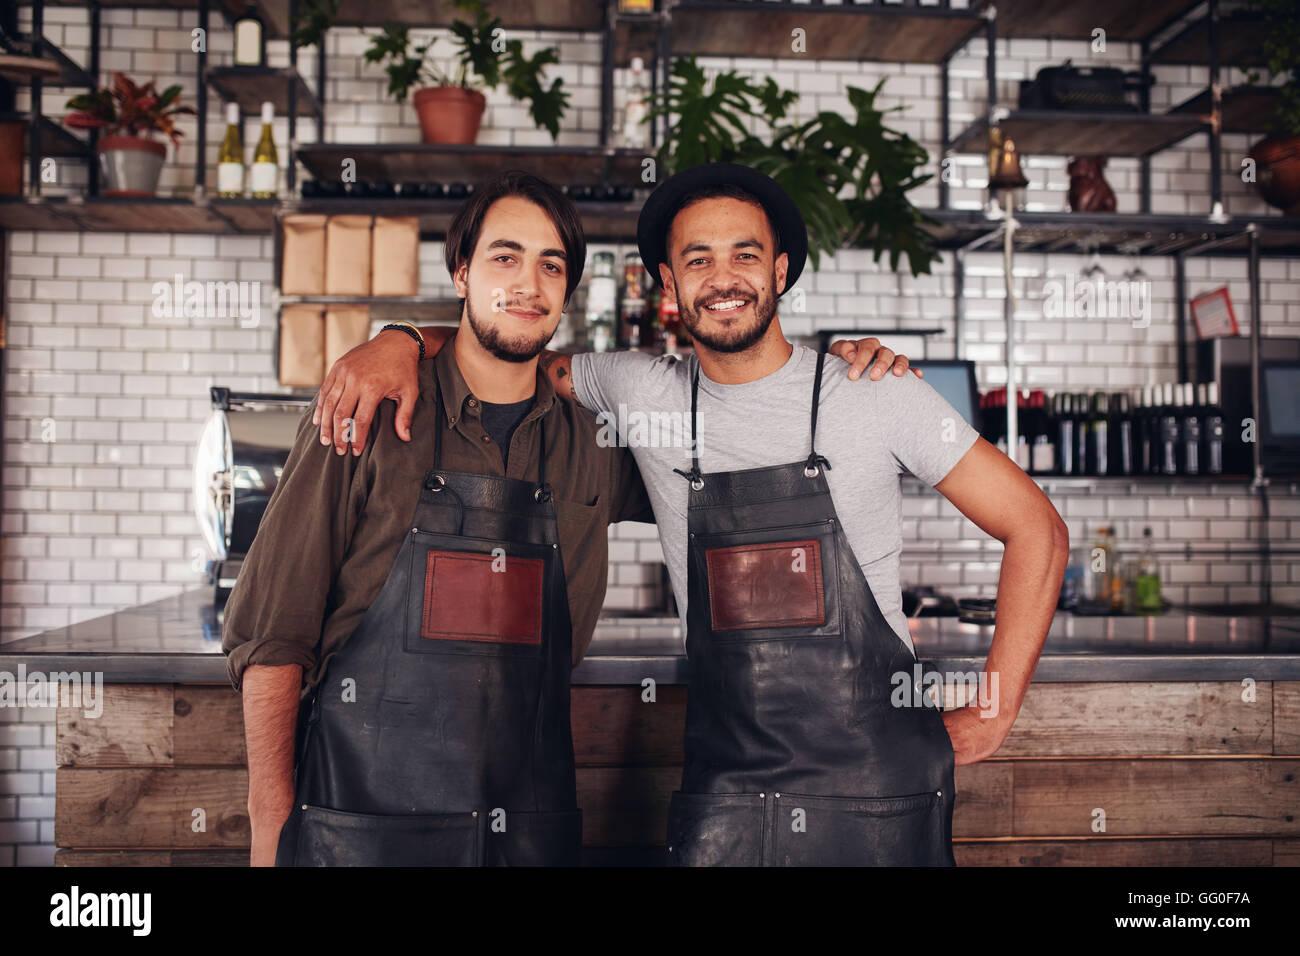 Retrato de dos jóvenes dueños de la tienda de café de pie junto a la barra y mirando a la cámara. Imagen De Stock